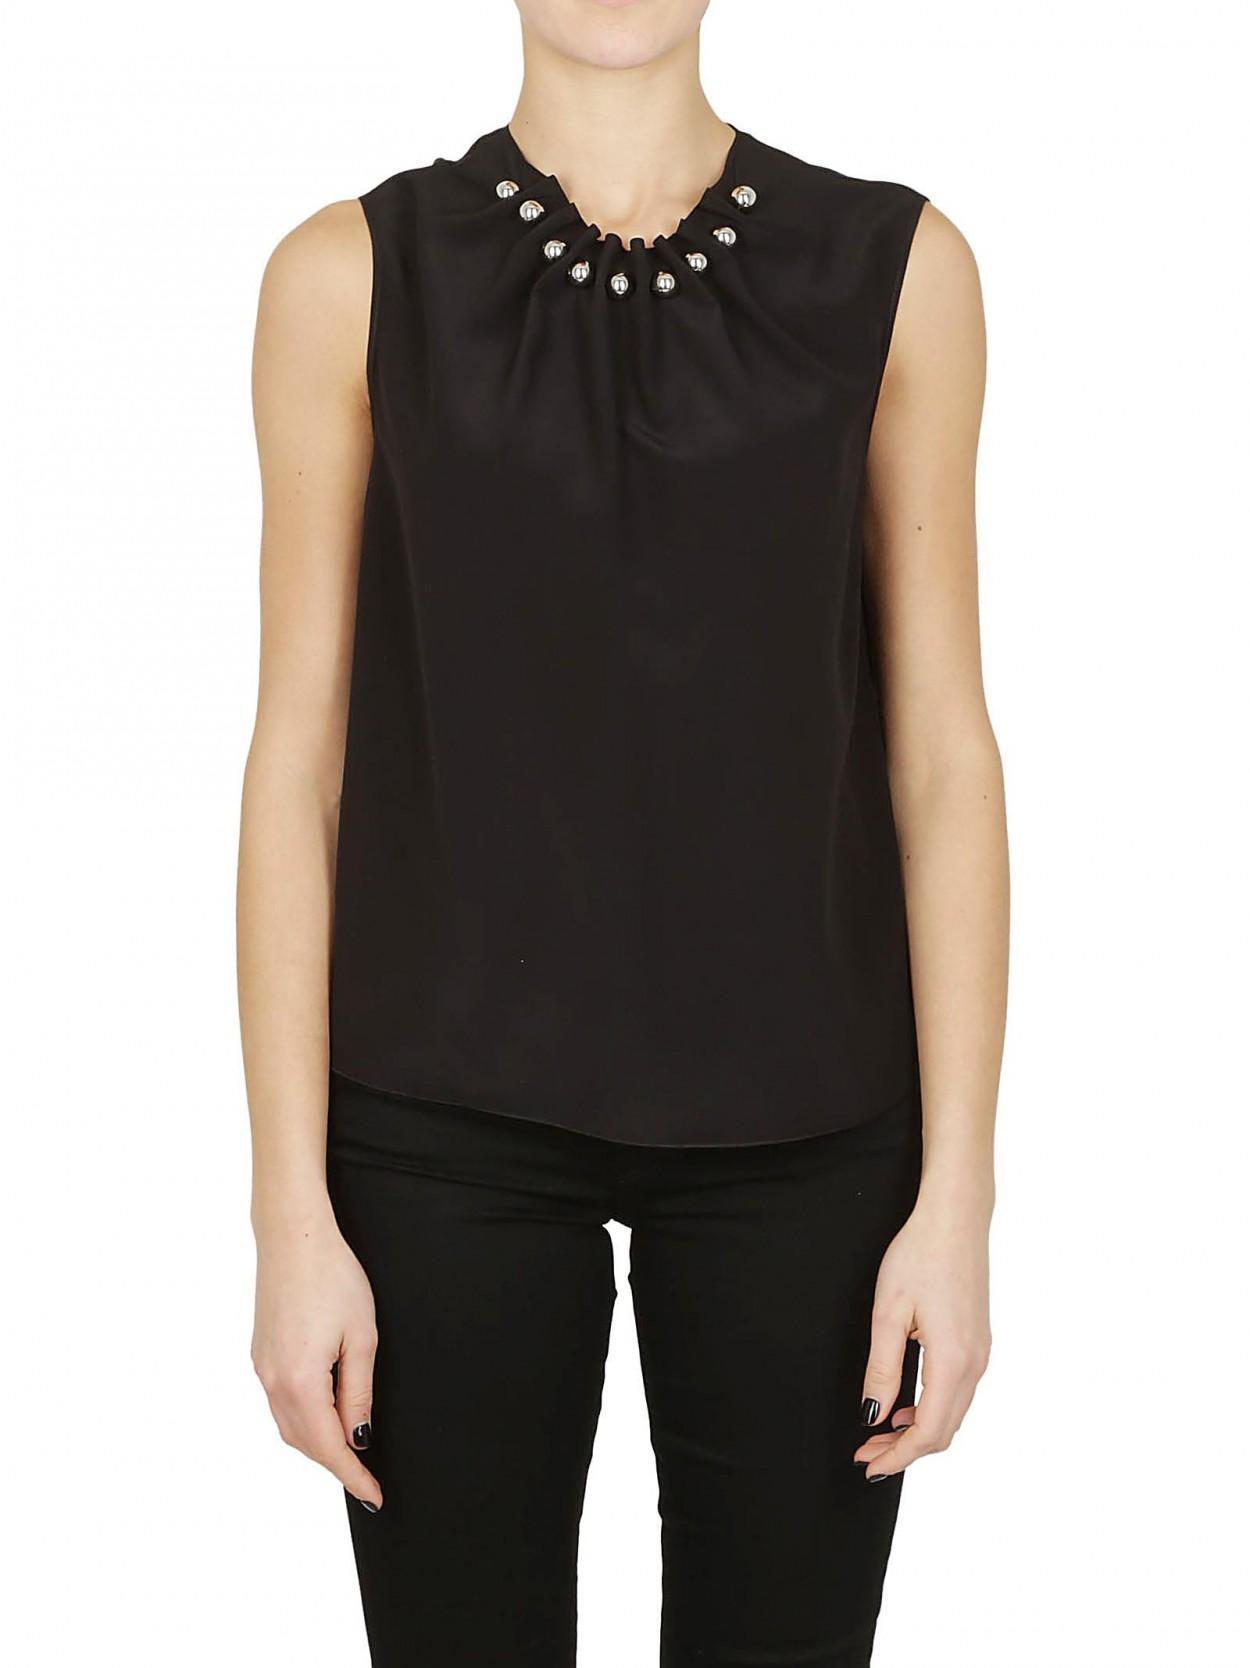 b549bbf2aa Lyst - Boutique Moschino BOUTIQUE MOSCHINO camicia nera sfere acciaio in  Black - Save 23%